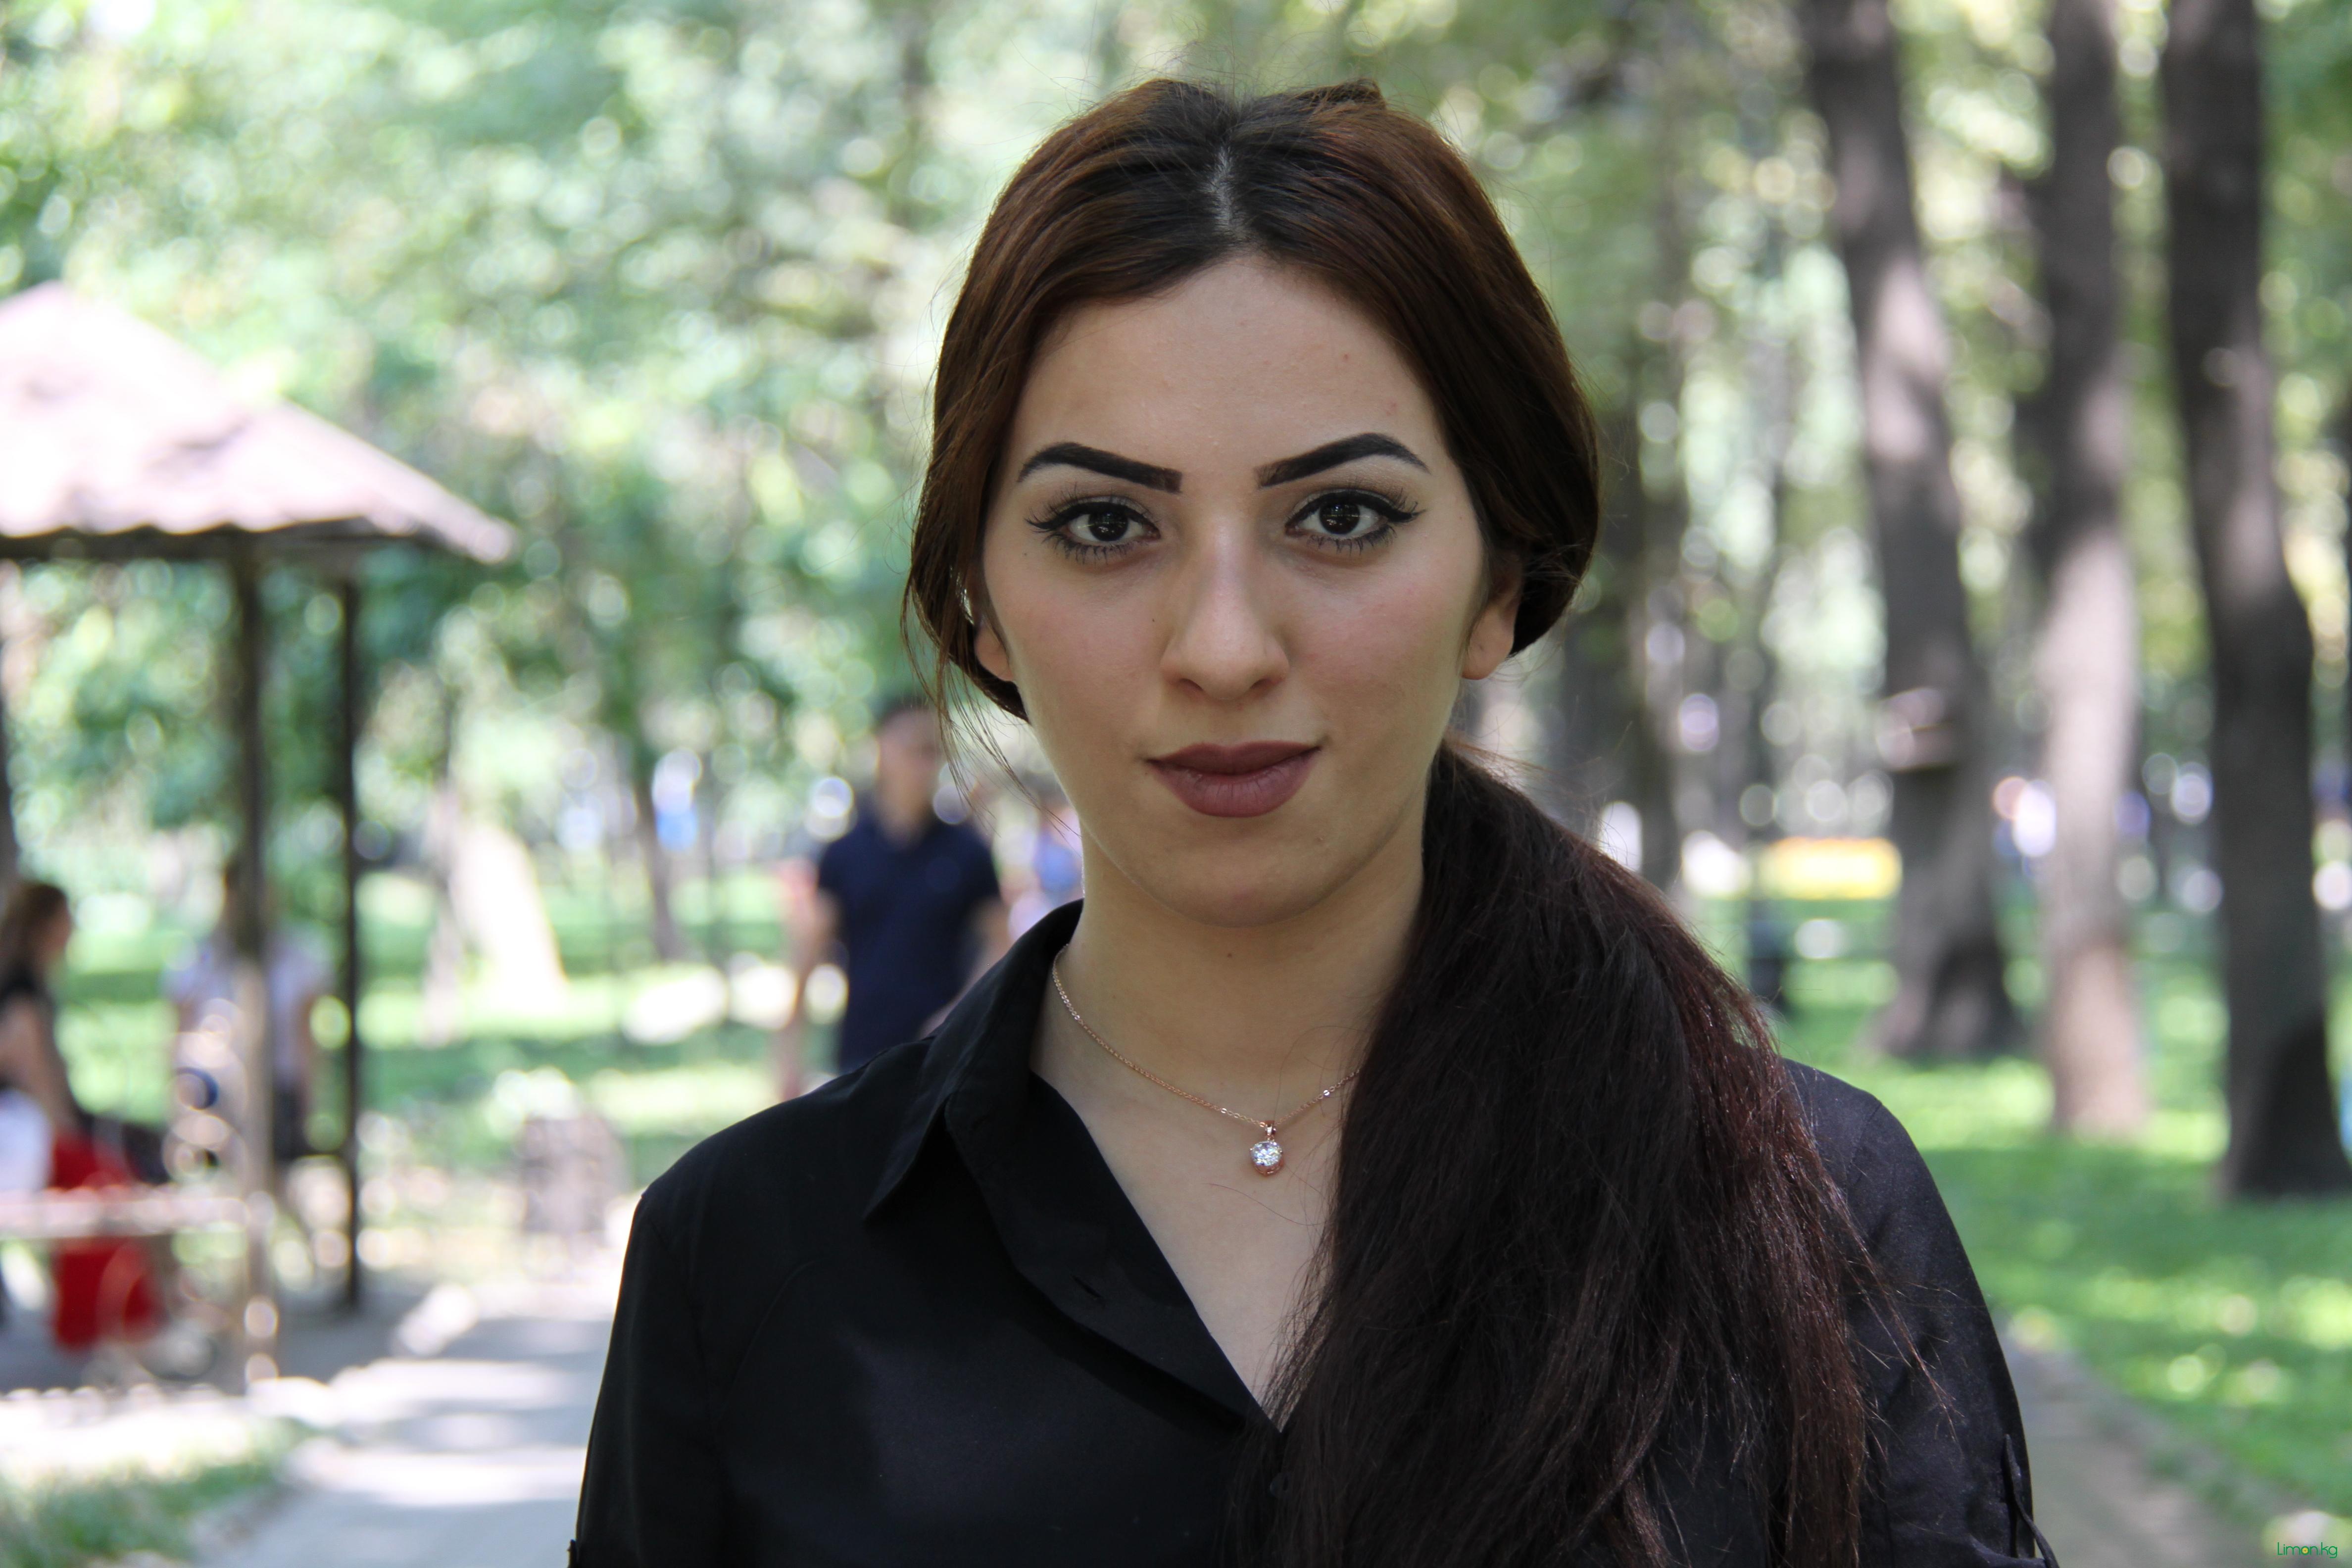 Касанова Гюнел, 19 лет, работает в сфере продаж